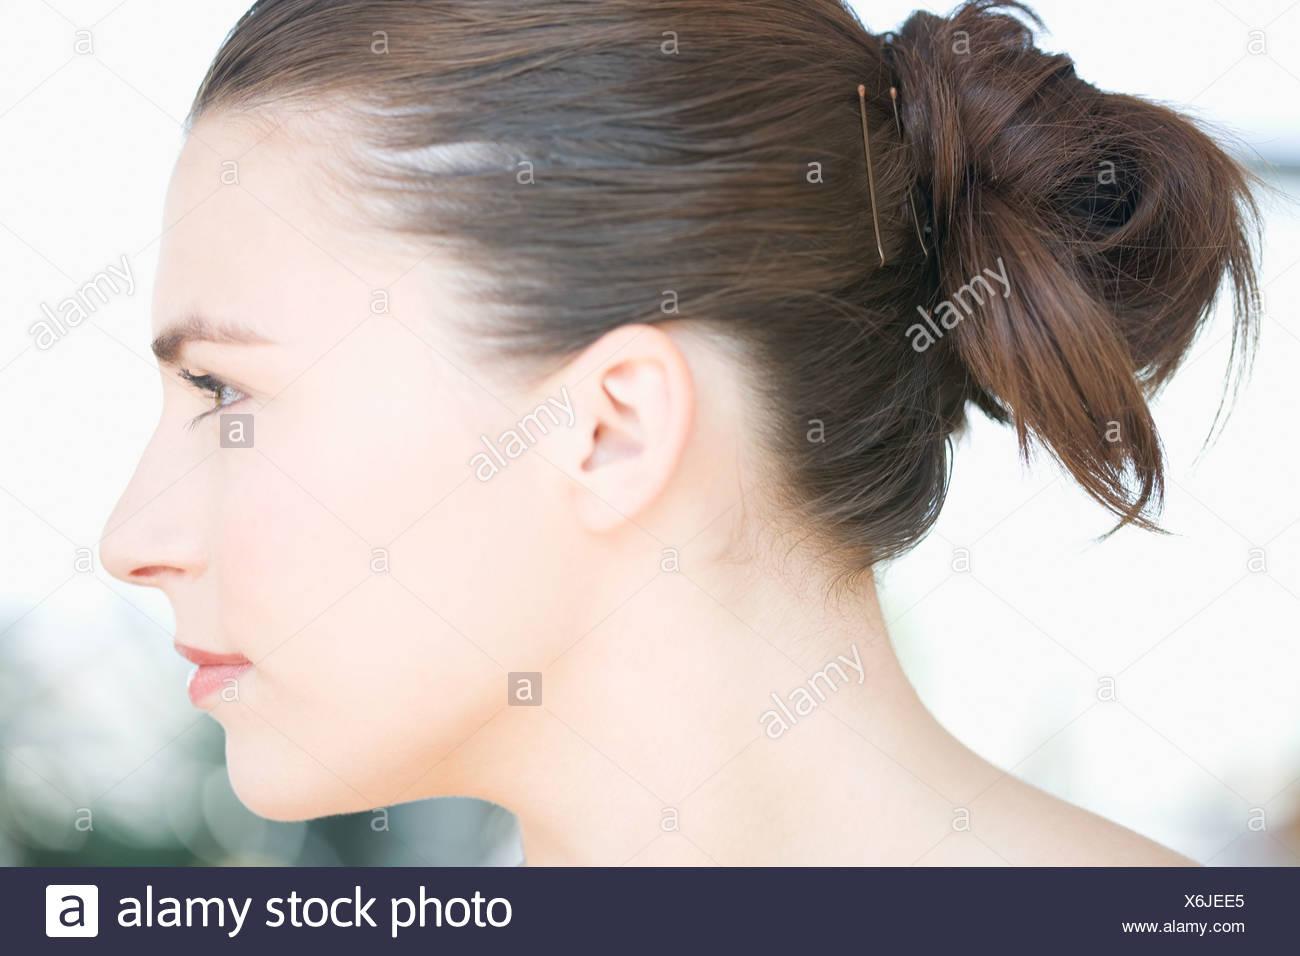 profil de jeune femme la t te avec les cheveux attach s en arri re banque d 39 images photo. Black Bedroom Furniture Sets. Home Design Ideas